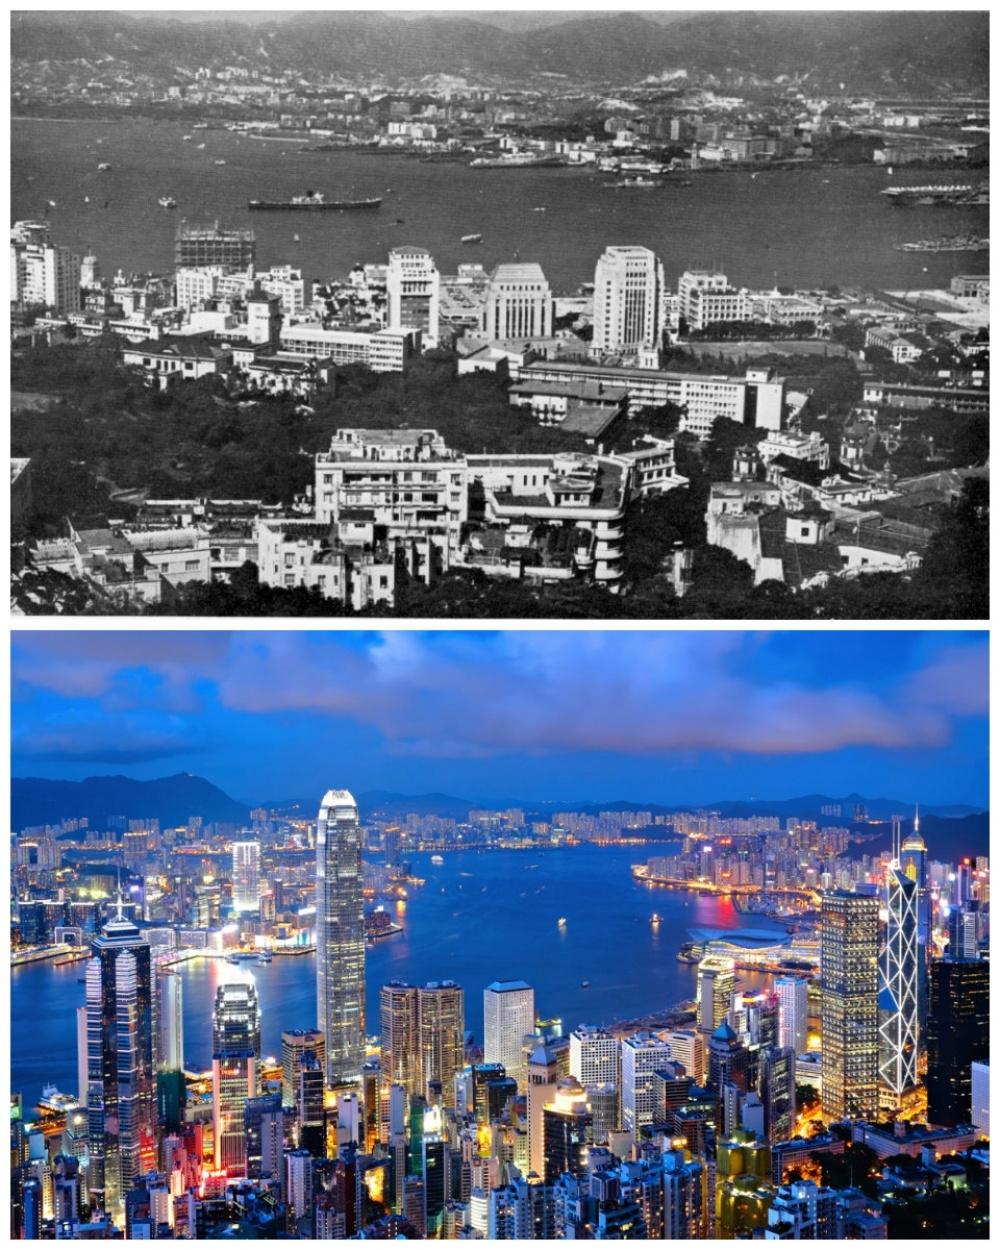 Yıllar İçinde Tanınmayacak Biçimde Değişen 10 Şehir galerisi resim 5